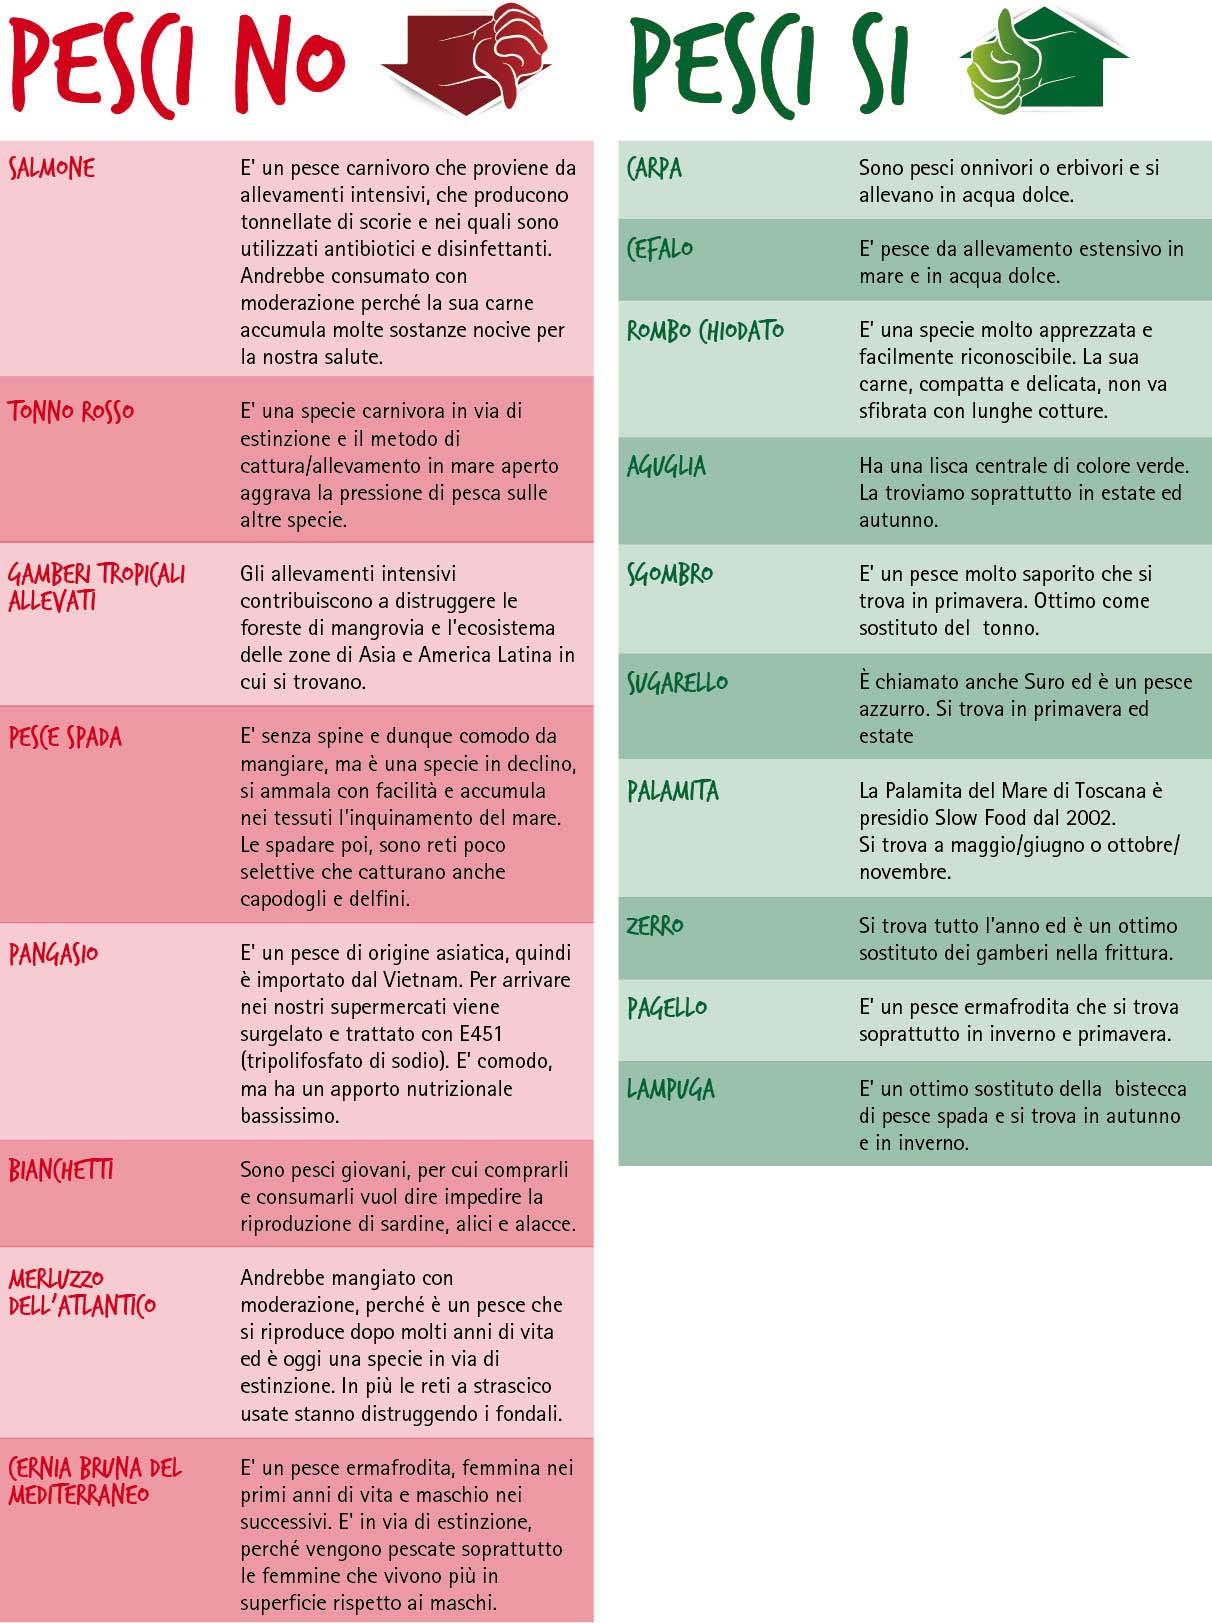 tabella pesciSI pesciNO